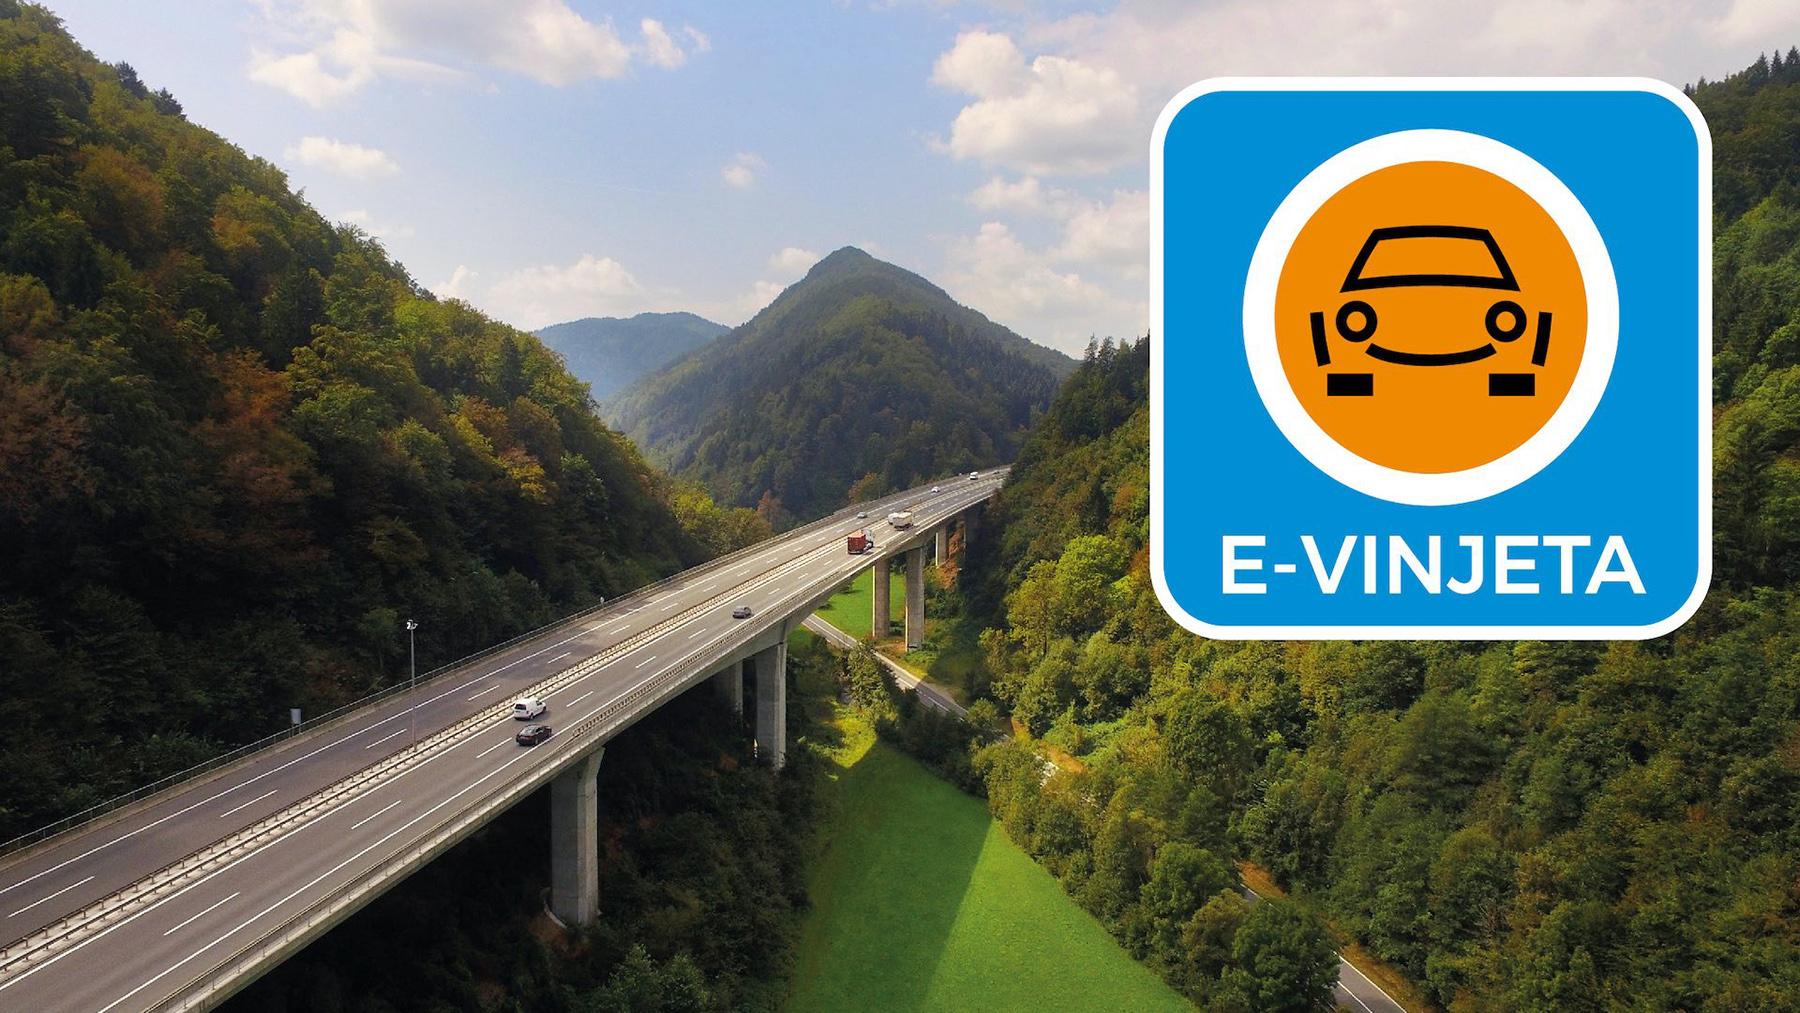 Bildergebnis für slovenia autobahn gebühr